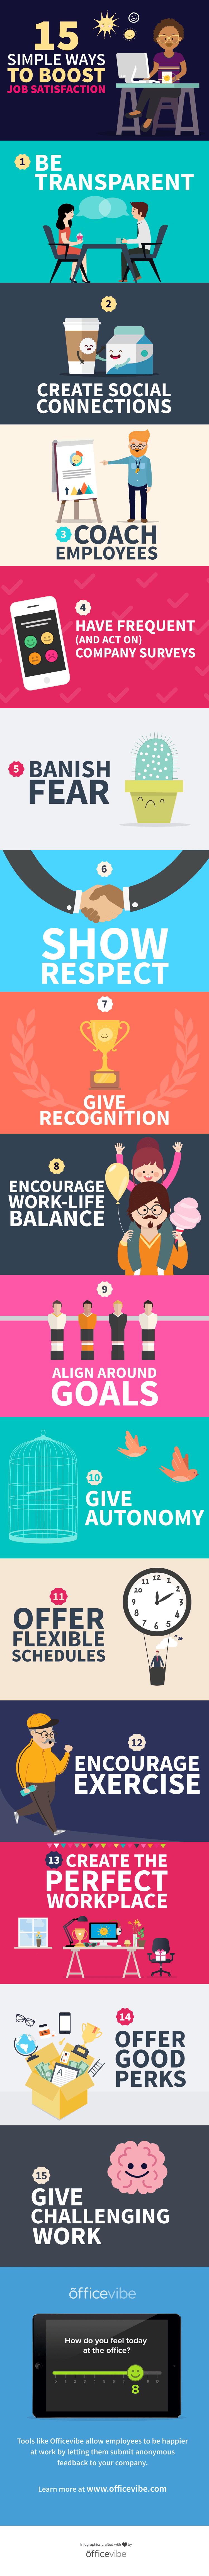 15-formas-de-mejorar-la-satisfaccion-en-el-trabajo-infografia